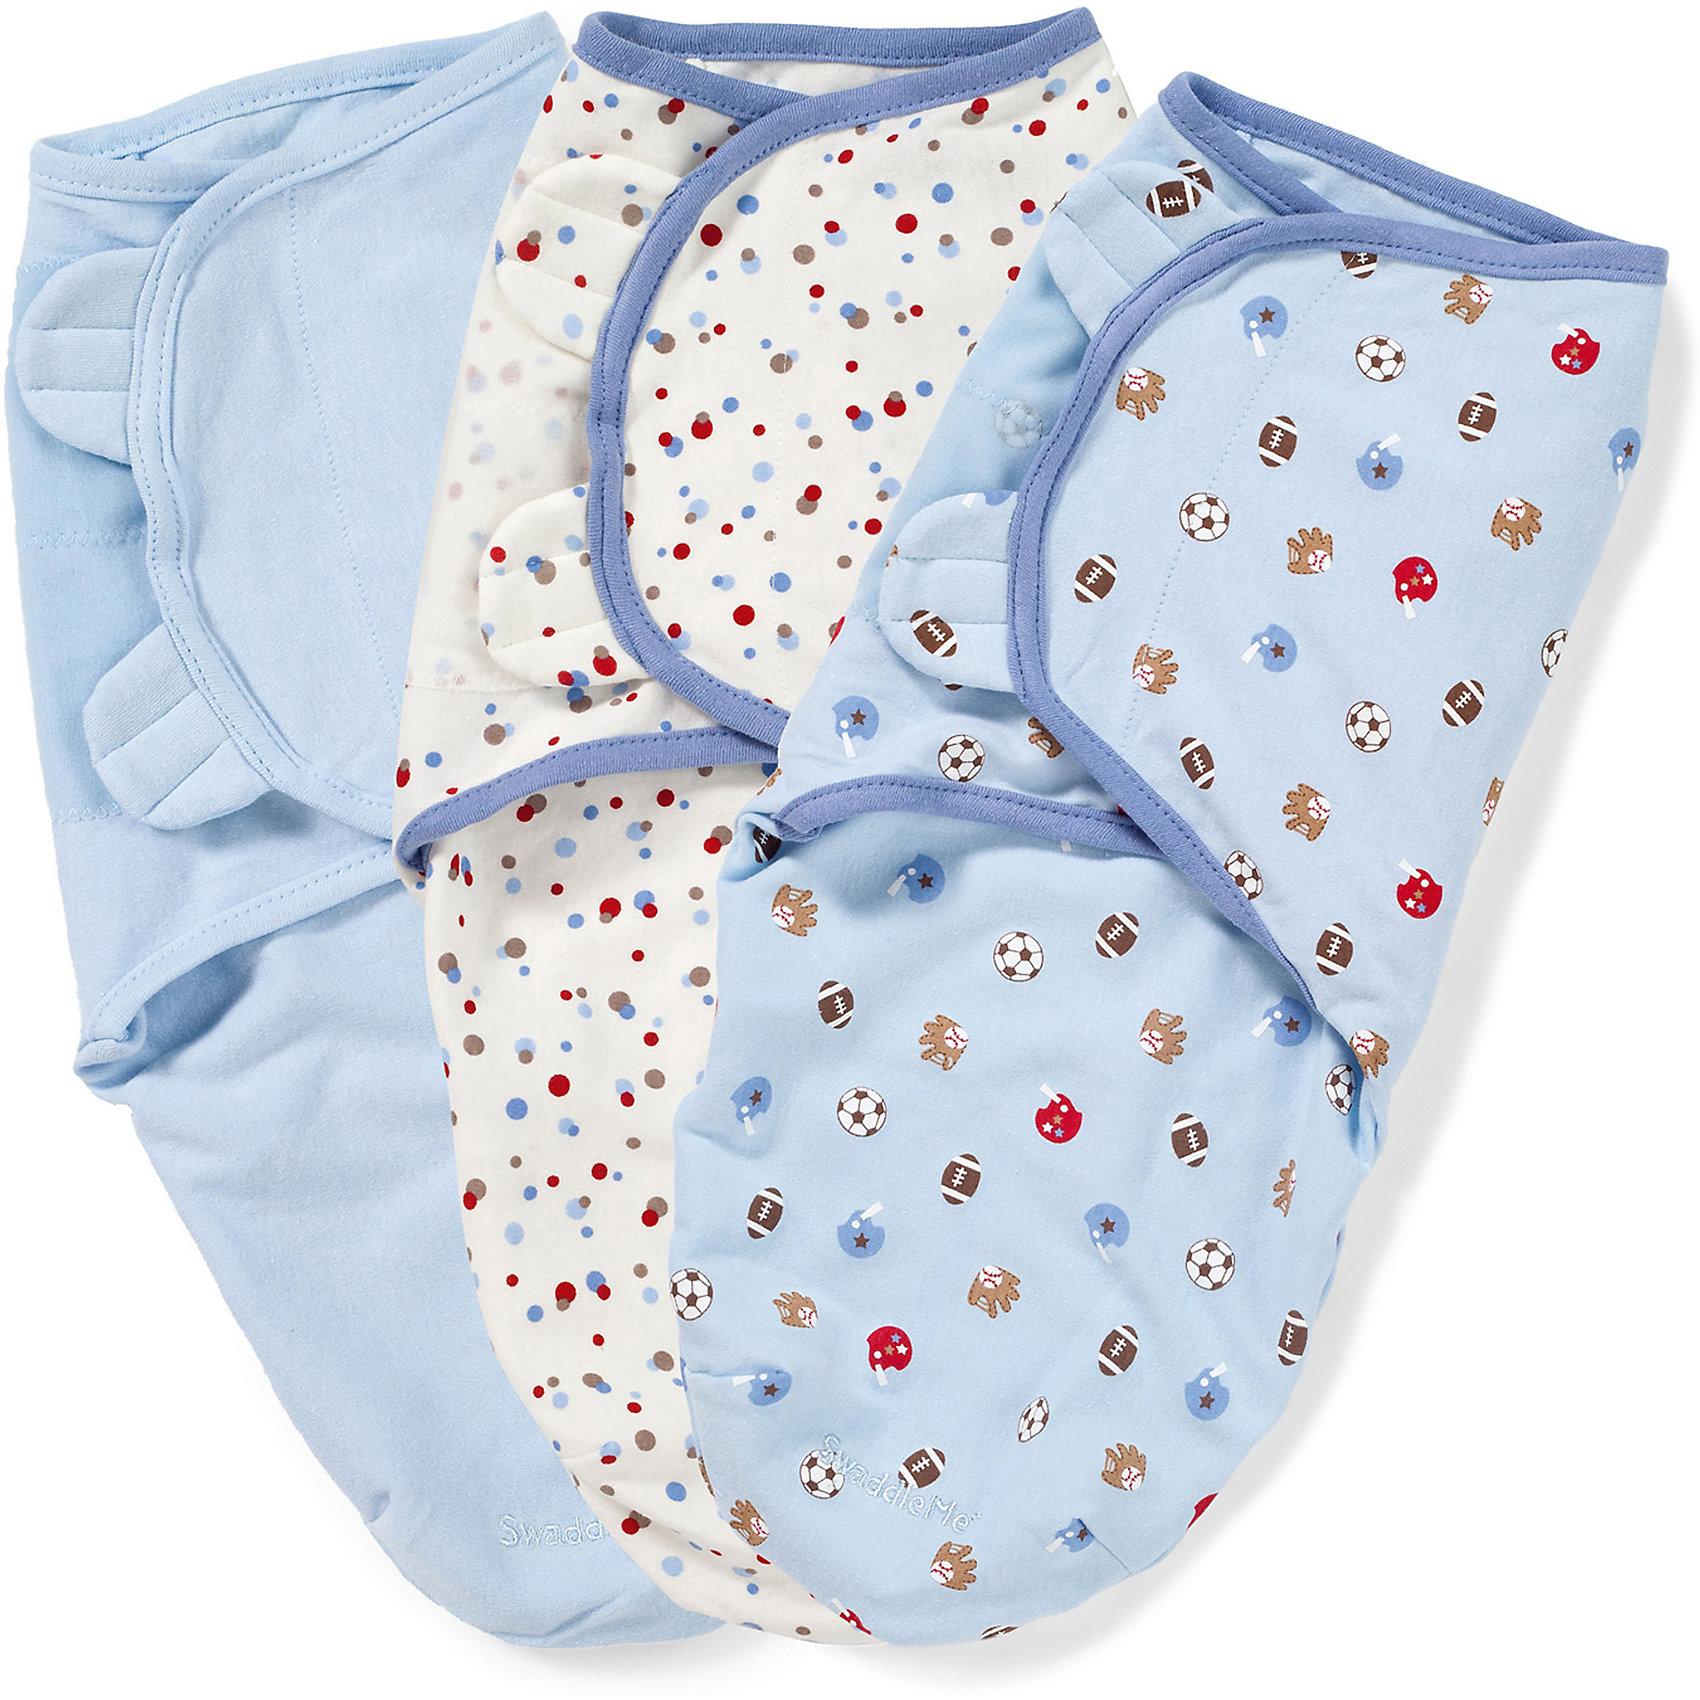 Конверт для пеленания на липучке, SWADDLEME®, р-р S/M, 3 шт., спортПеленание успокаивает новорожденных путем воссоздания знакомых ему чувств, как в утробе мамы.<br>Мягко облегая, конверт не ограничивает движение ребенка, и в тоже время помогает снизить рефлекс внезапного вздрагивания, благодаря этому сон малыша и родителей будет более крепким.<br>Регулируемые крылья для закрытия конверта сделаны таким образом, что даже самый активный ребенок не сможет распеленаться во время сна.<br>Объятия крыльев регулируются по мере роста ребенка.<br>Конверт можно открыть в области ног малыша для легкой смены подгузников - нет необходимости разворачивать детские ручки.<br>Состав: хлопок и нити эластана. <br>Длина конверта: 50 см (размер S/M). Подходит для малышей среднего размера от 3 до 7 кг<br><br>Ширина мм: 220<br>Глубина мм: 220<br>Высота мм: 50<br>Вес г: 540<br>Возраст от месяцев: 0<br>Возраст до месяцев: 6<br>Пол: Мужской<br>Возраст: Детский<br>SKU: 4331814